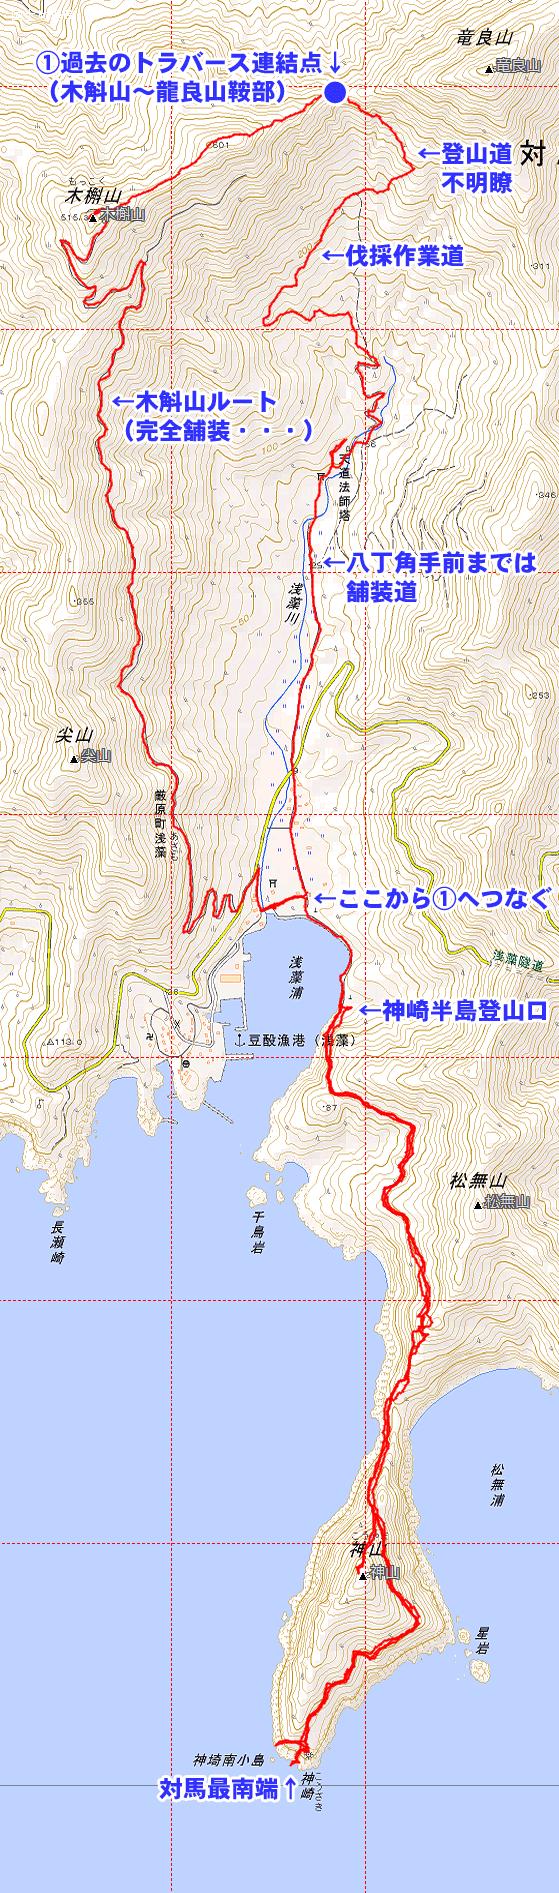 神崎半島~龍良山鞍部